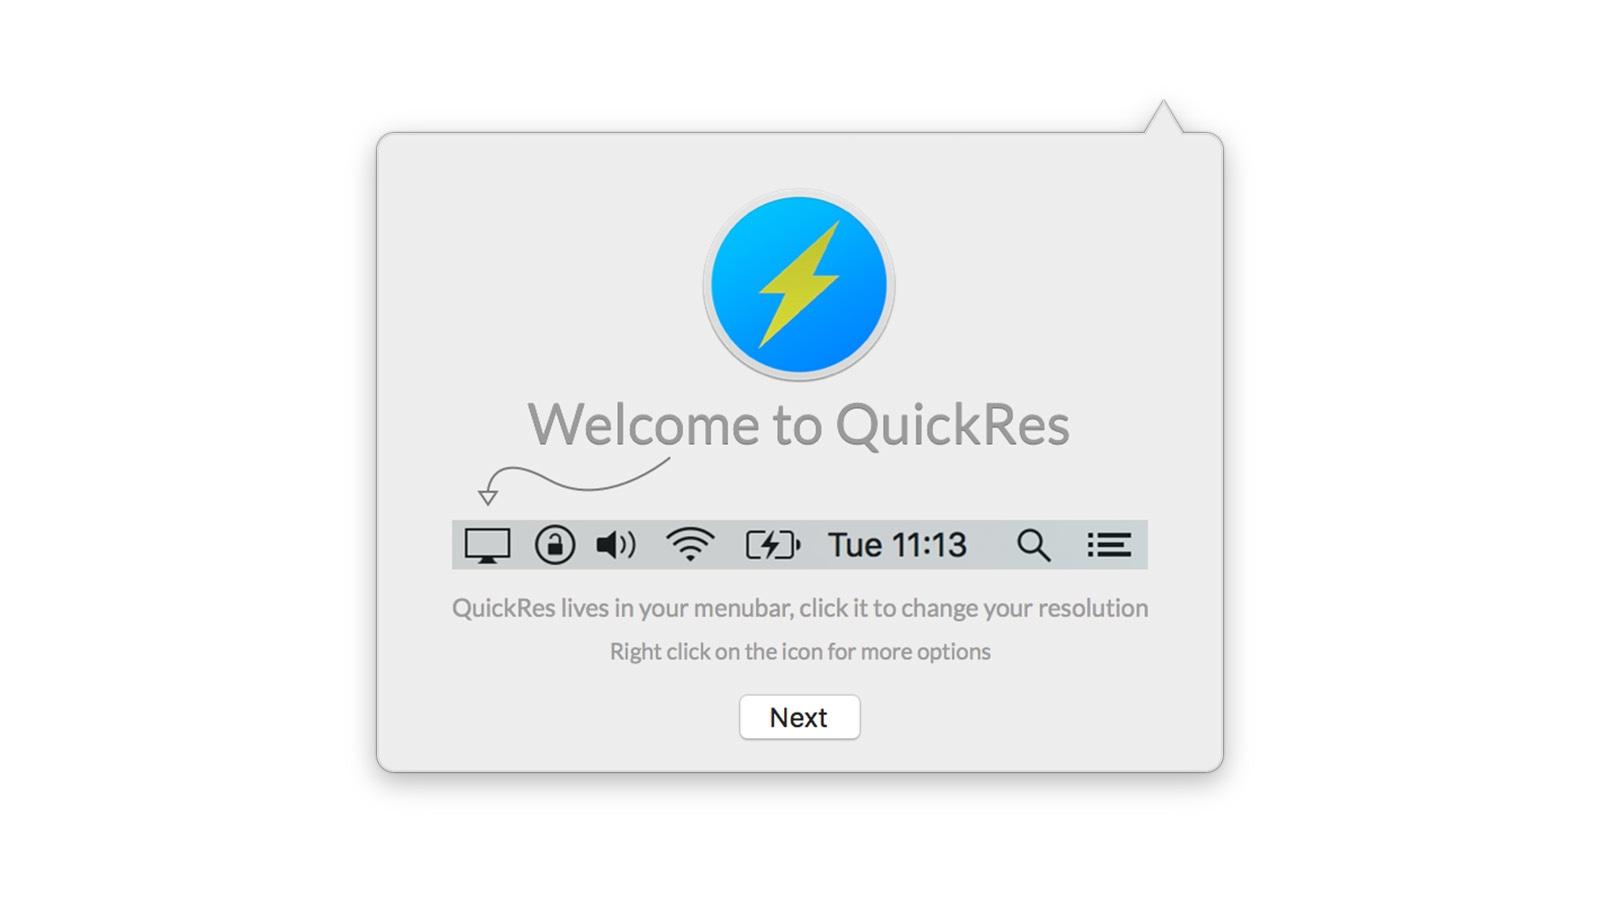 QuickRes 導入方法